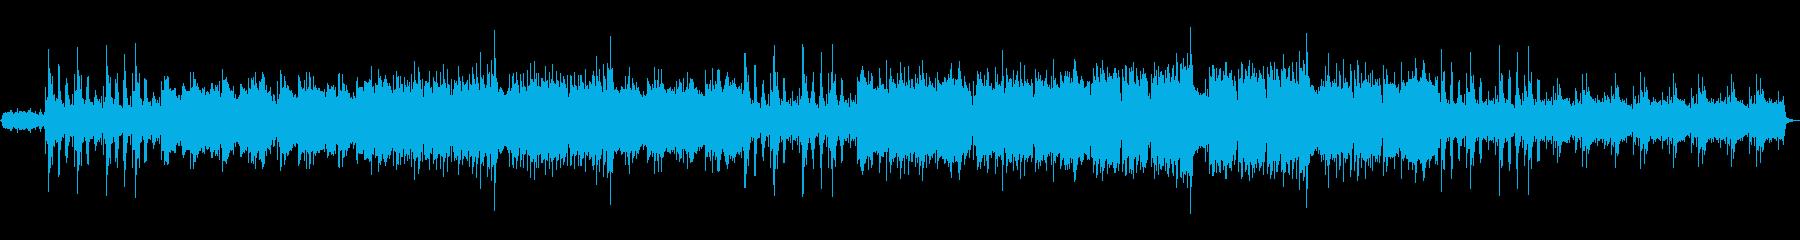 しみじみとしたインストの再生済みの波形